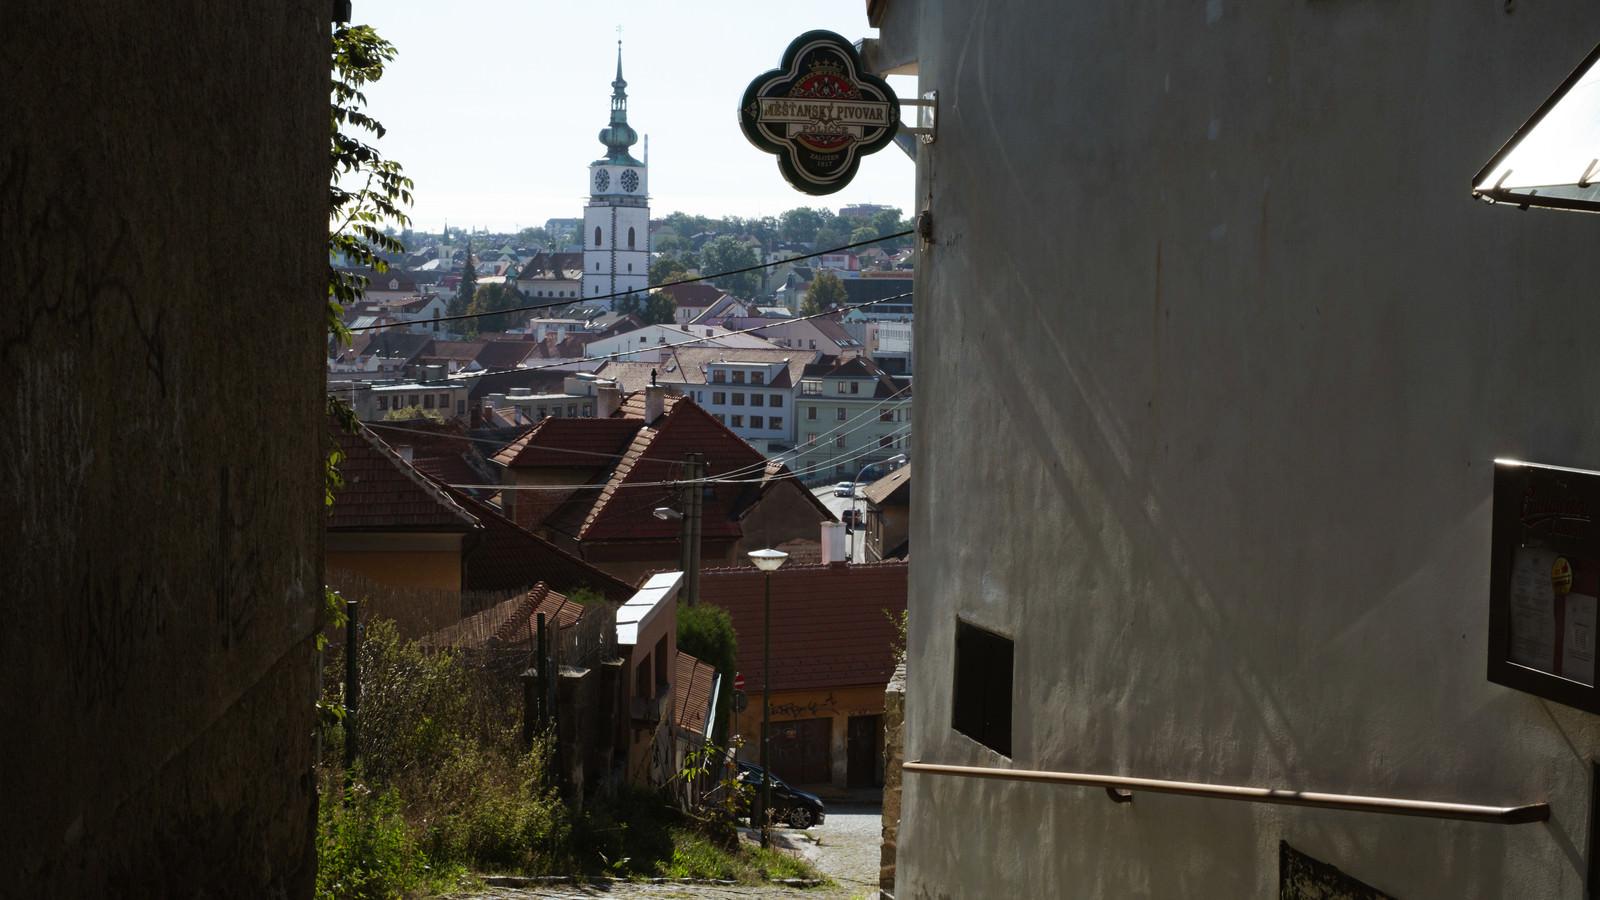 「時計台を望む路地裏(トルシェビーチ市)」の写真